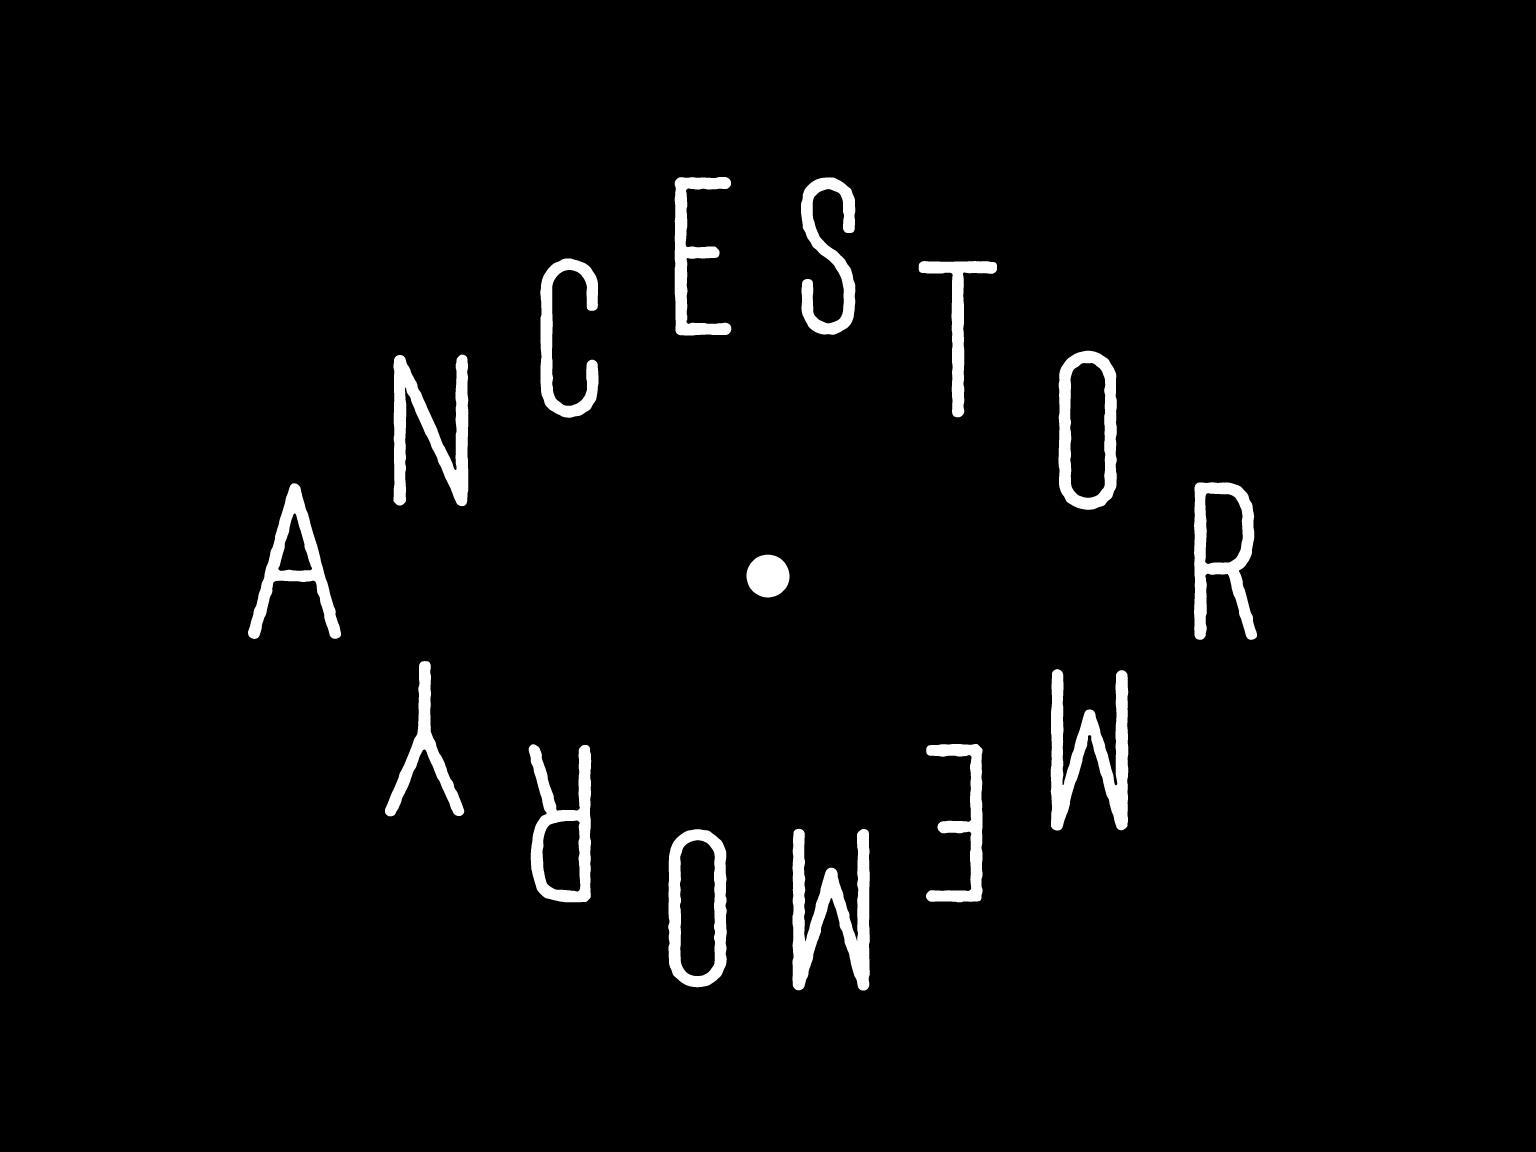 pbjameson_AncestorMemory-01.png